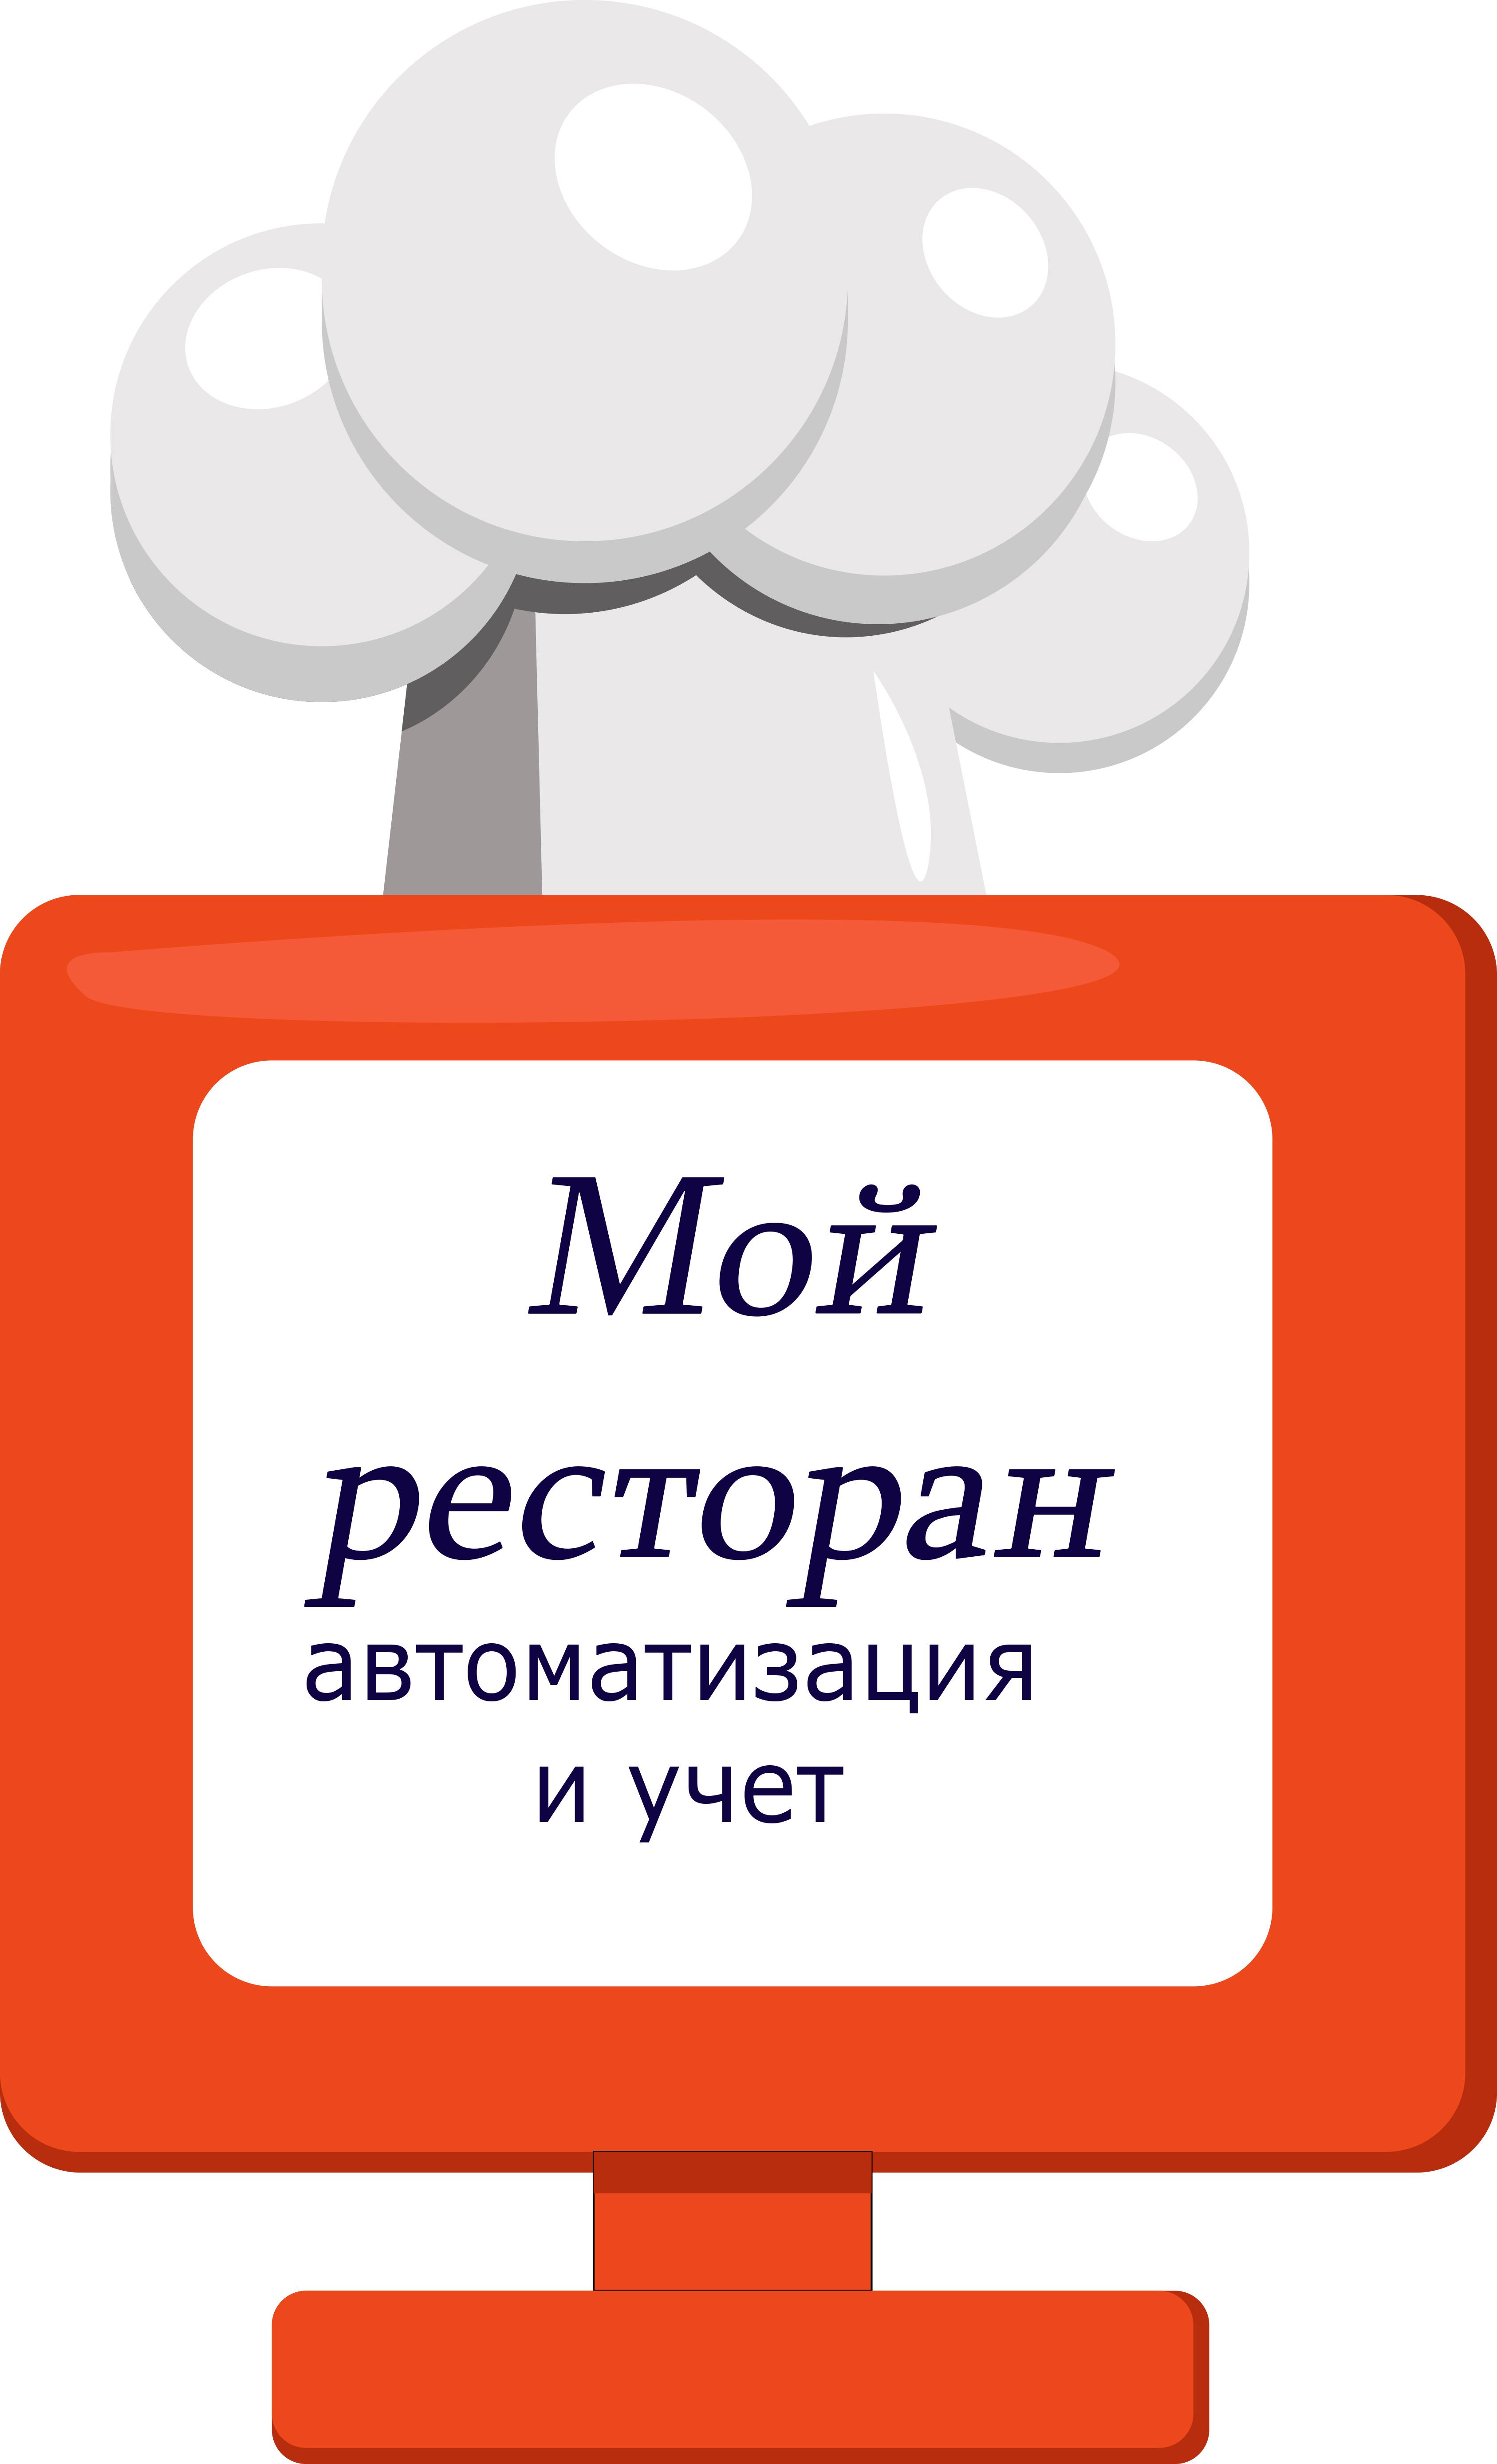 Разработать логотип и фавикон для IT- компании фото f_5245d5413e6e6477.jpg